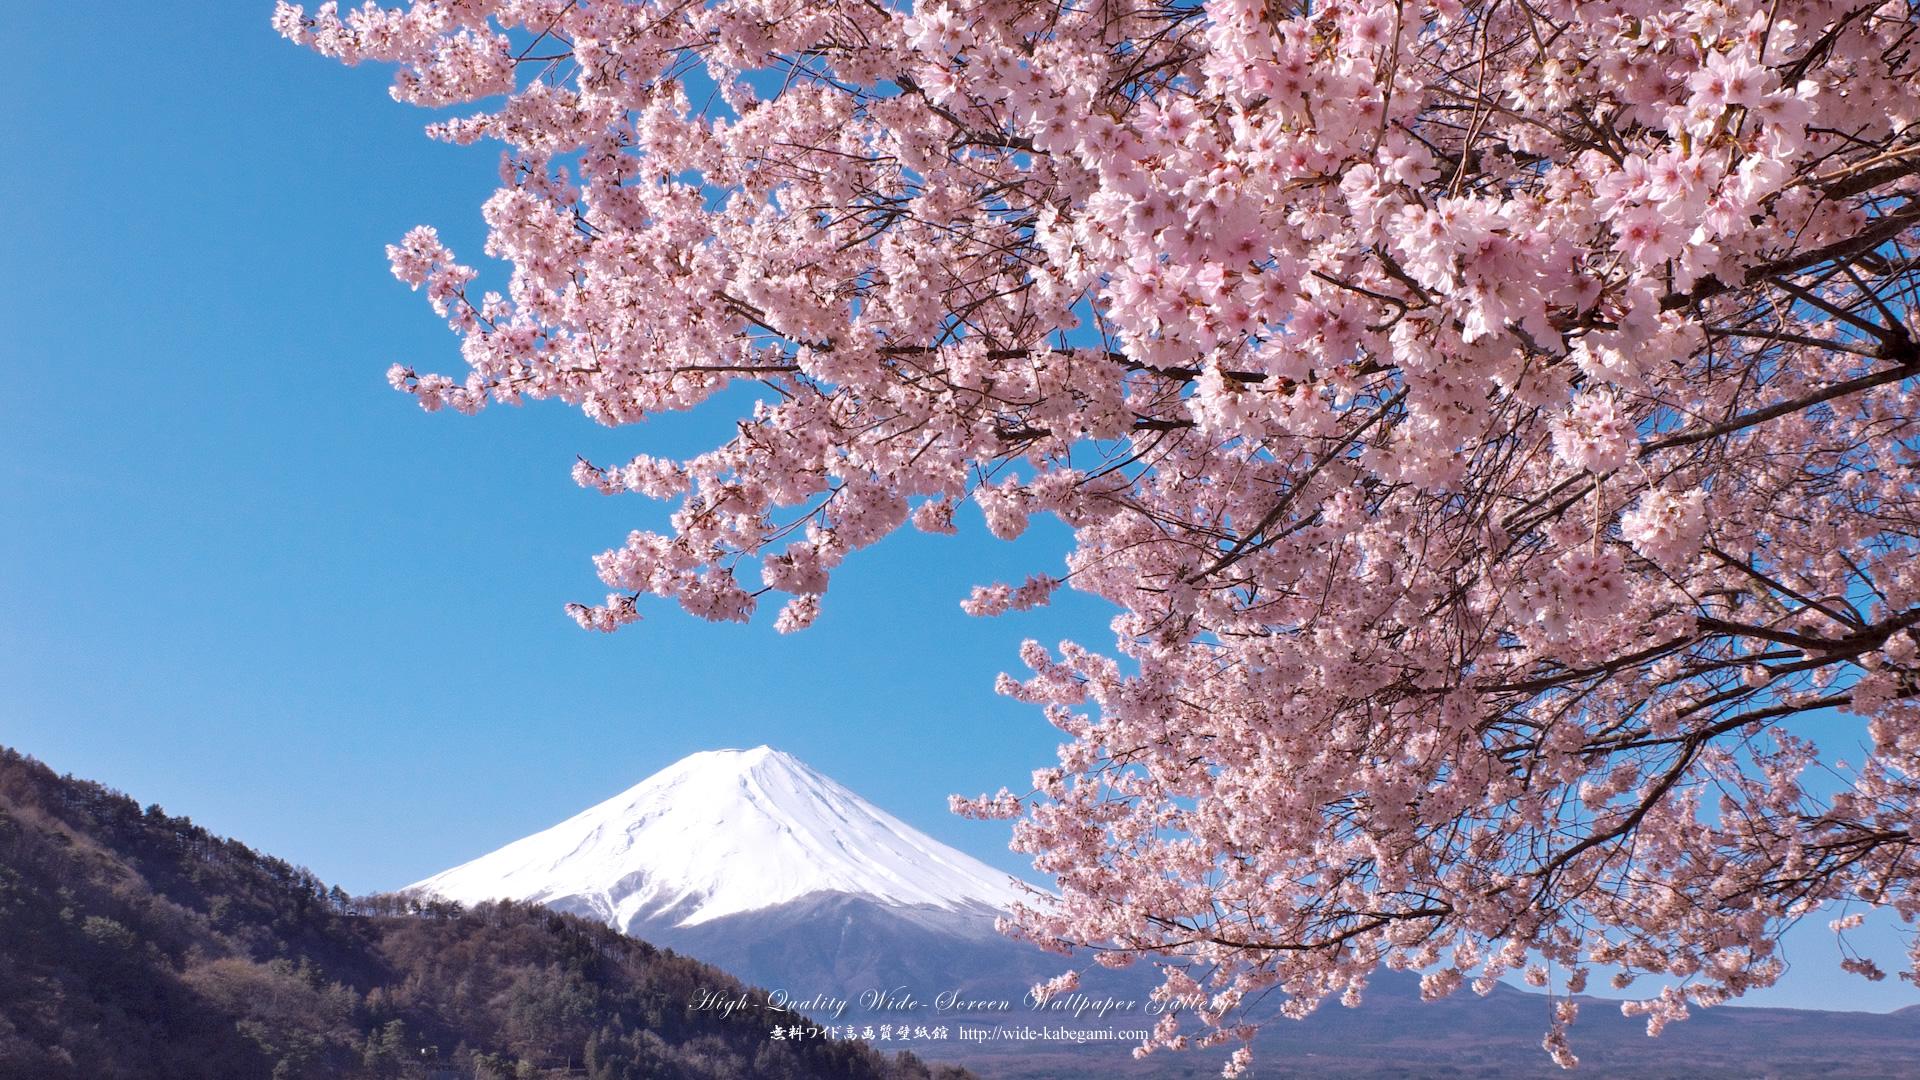 富士山のワイド壁紙 19x1080 桜と富士山 無料ワイド高画質壁紙館